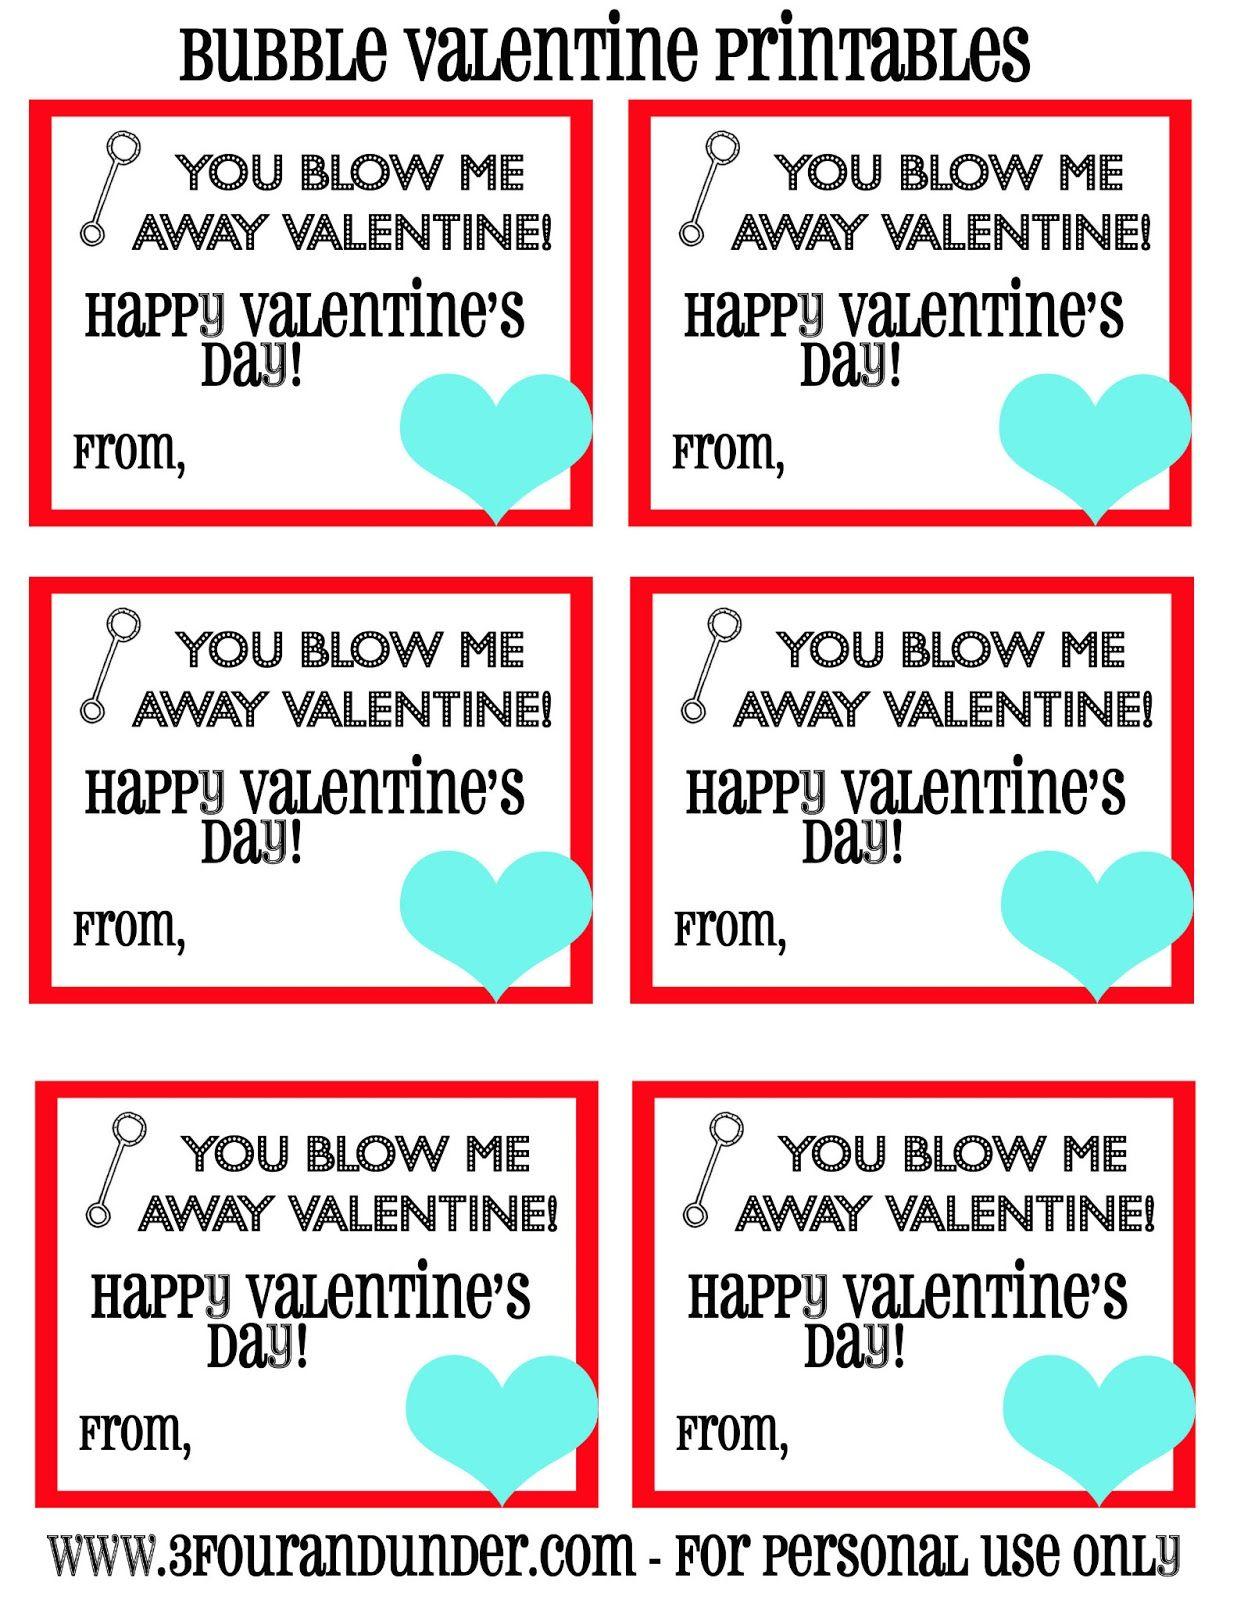 Blow Me Away Valentine Printable Jpg 1 237 1 600 Pixels Valentines Printables Bubble Valentines Valentines